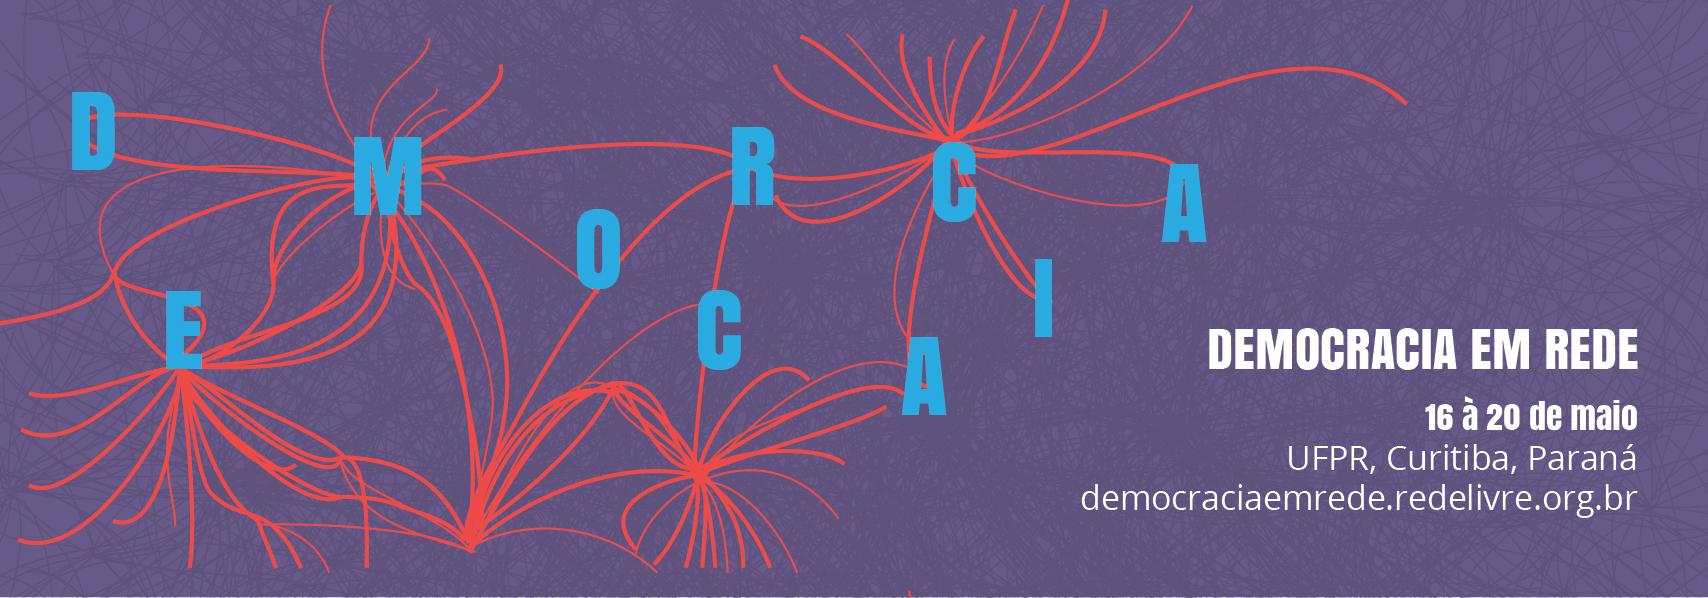 Laboratório de Cultura Digital promove evento de Democracia em Rede